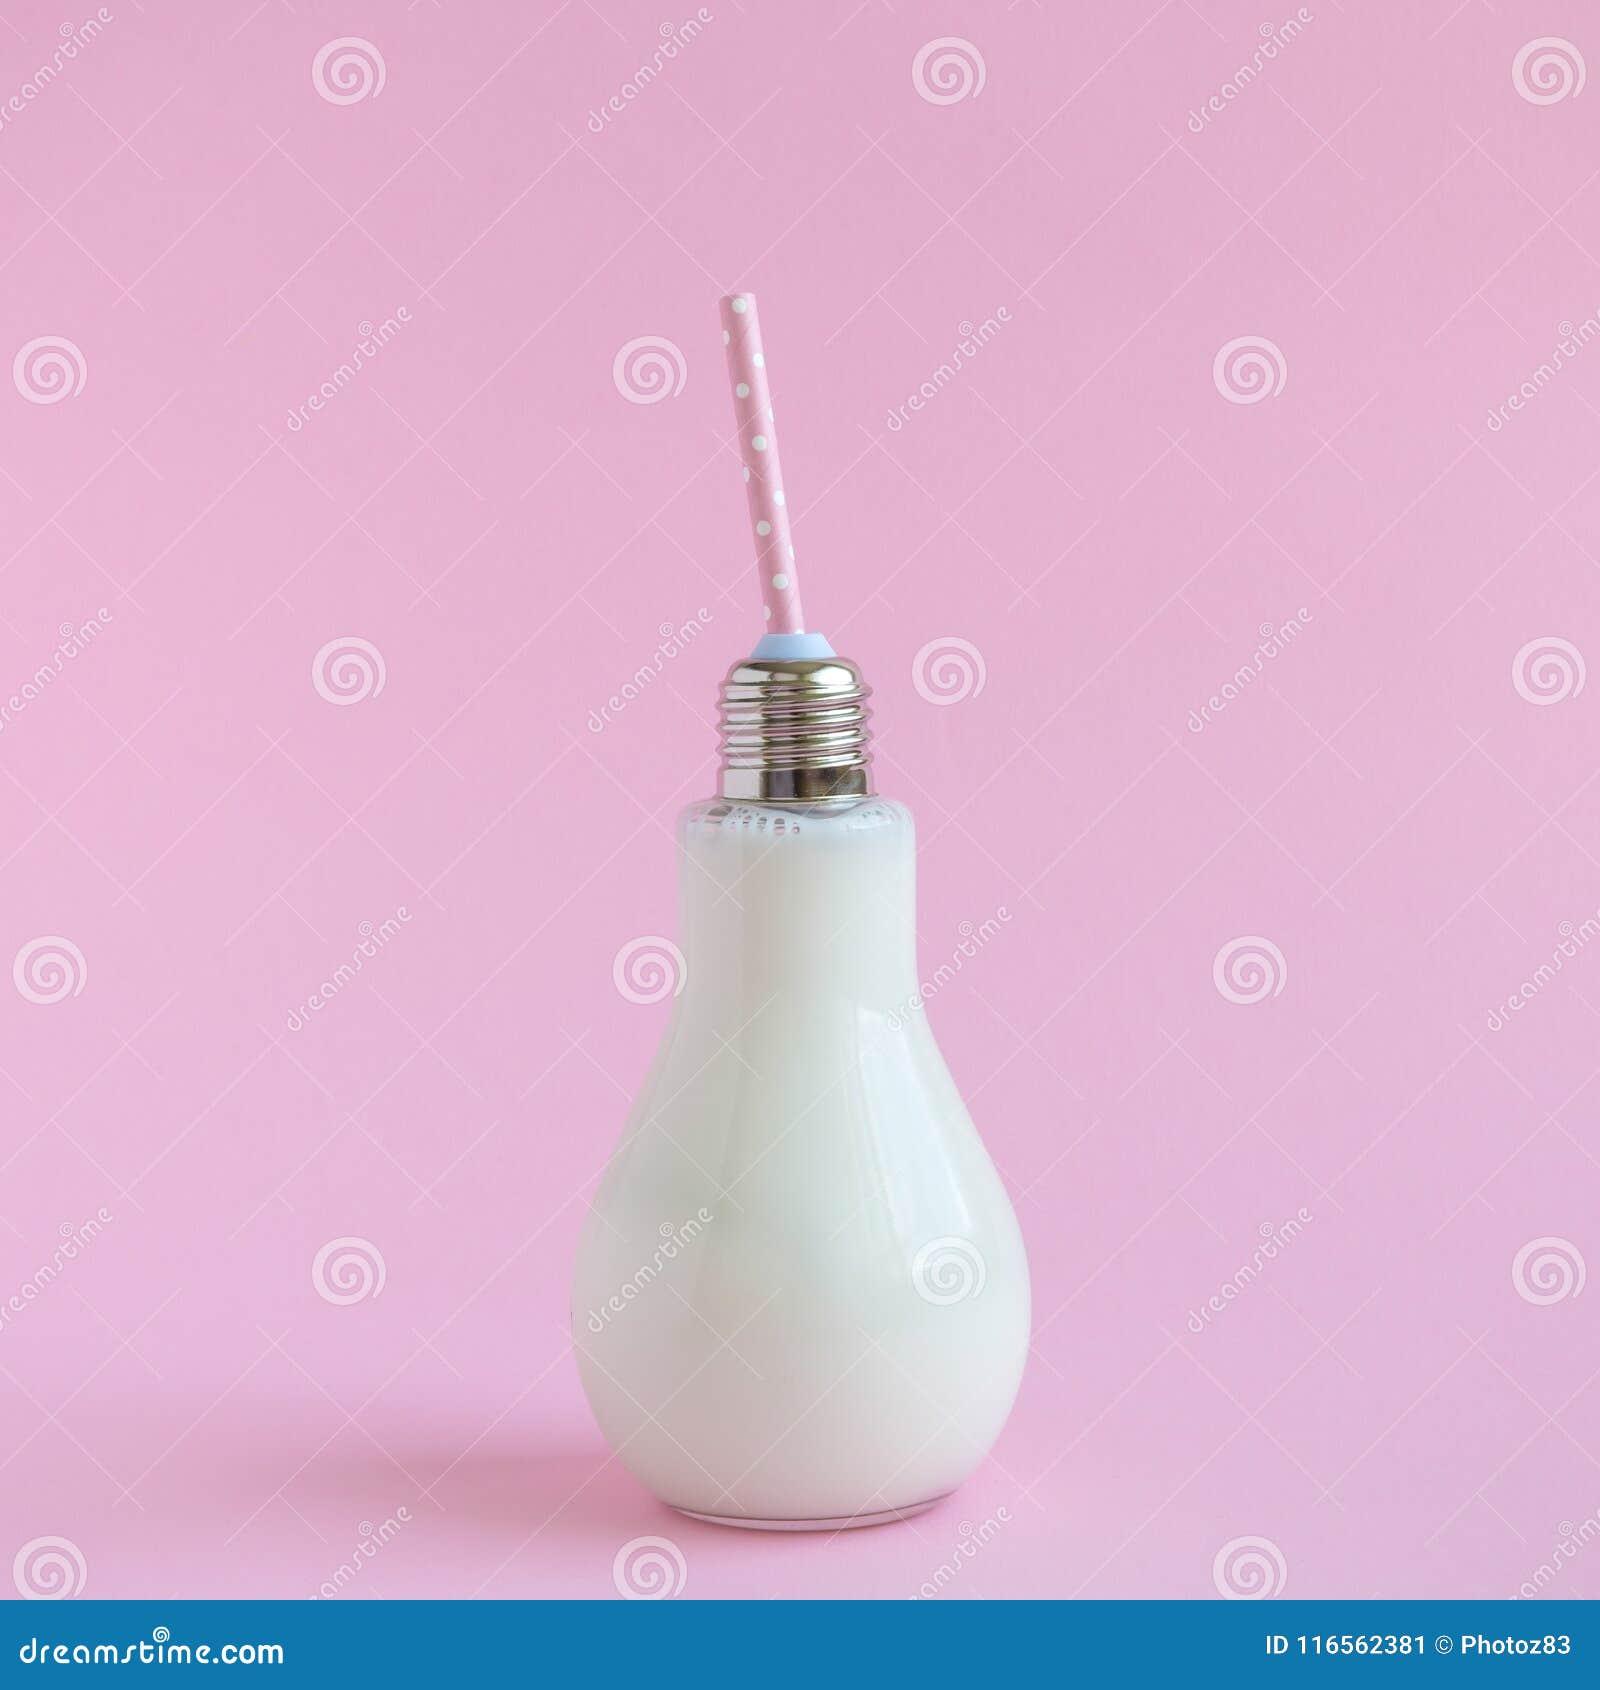 Glass bulb bottle of milk on rose background.